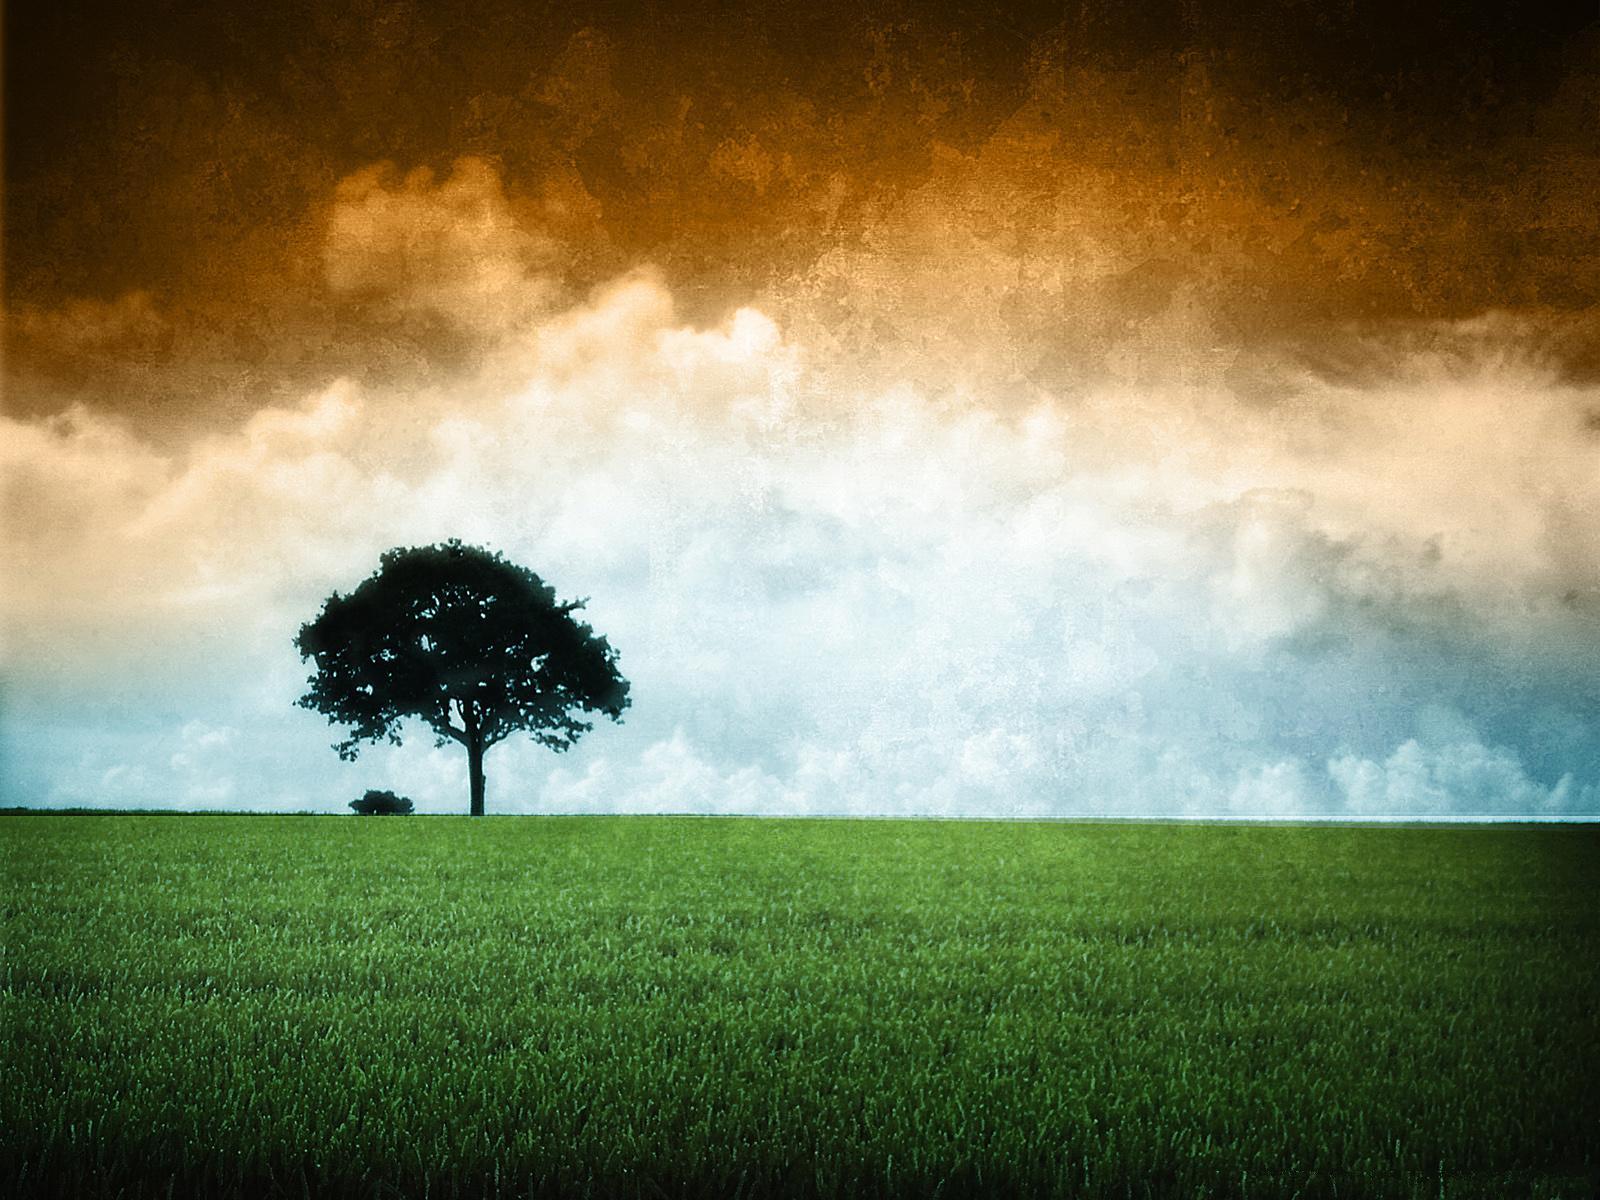 http://2.bp.blogspot.com/-QgTzGKajBu4/Tx4BIAlK76I/AAAAAAAAGA0/kZ0BHS9zwew/s1600/indian+flag.jpg